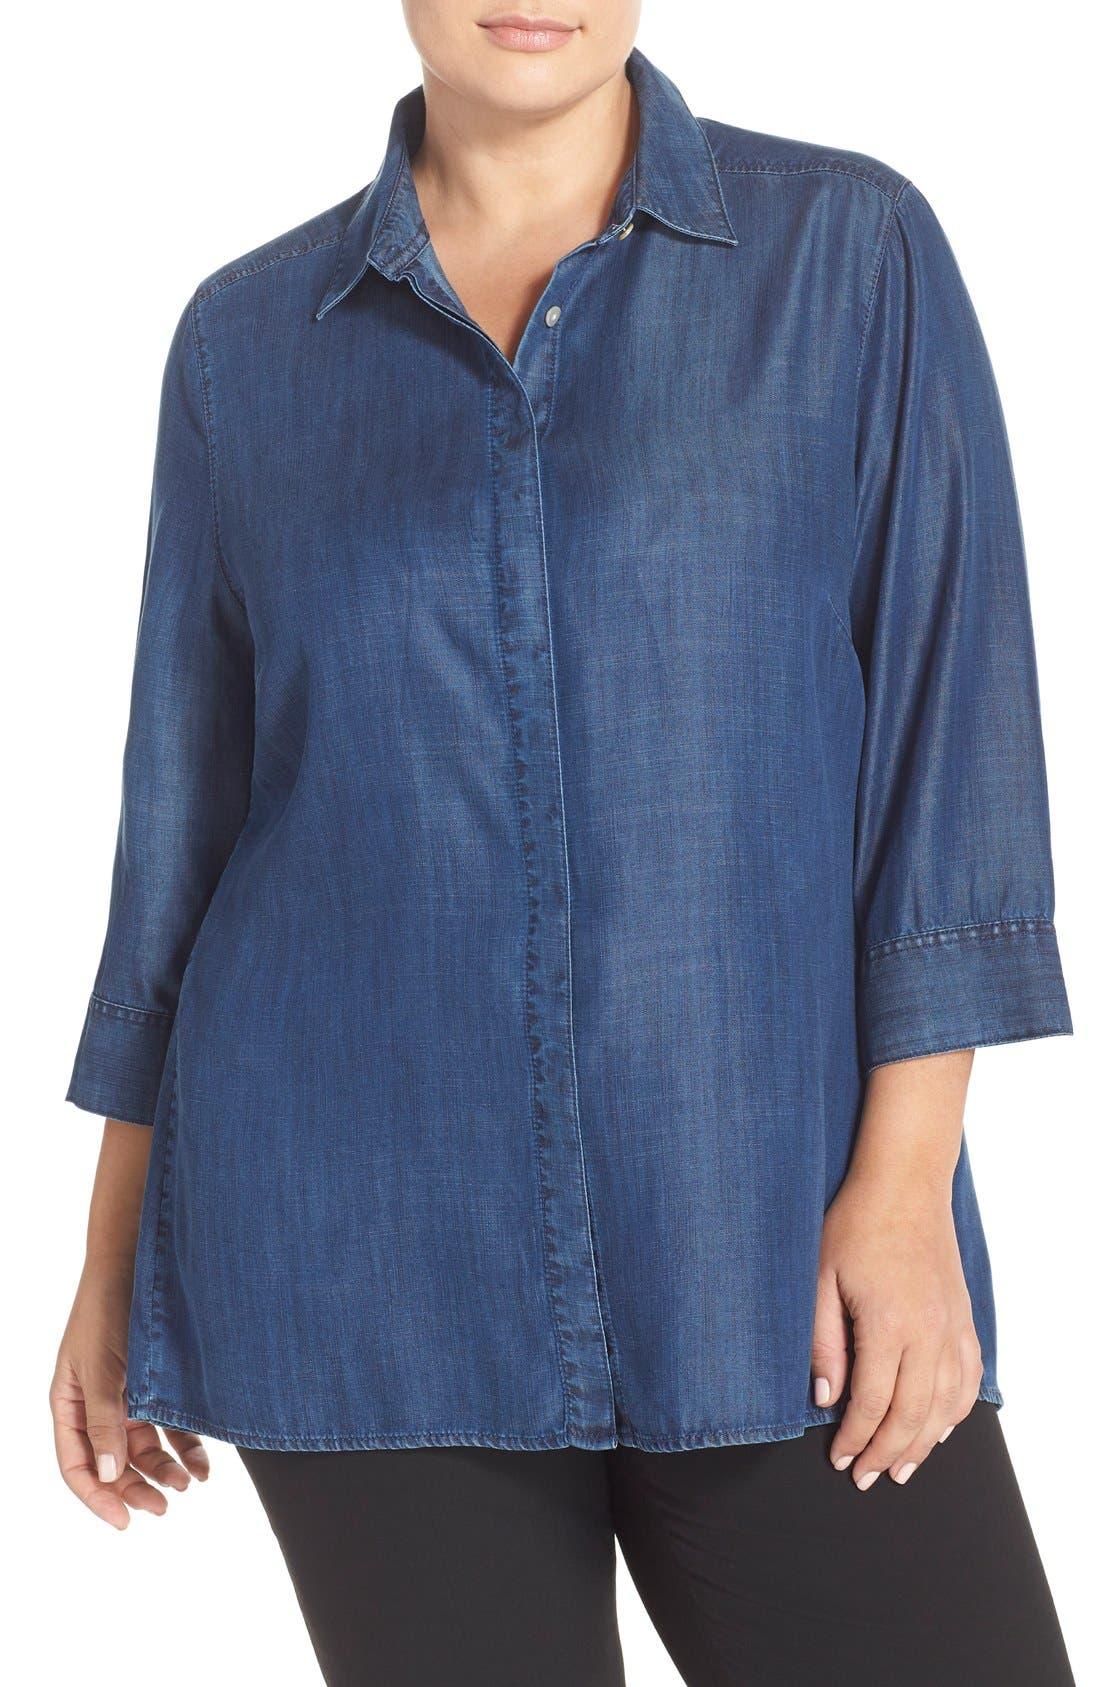 FOXCROFT Tencel® Denim Tunic Shirt